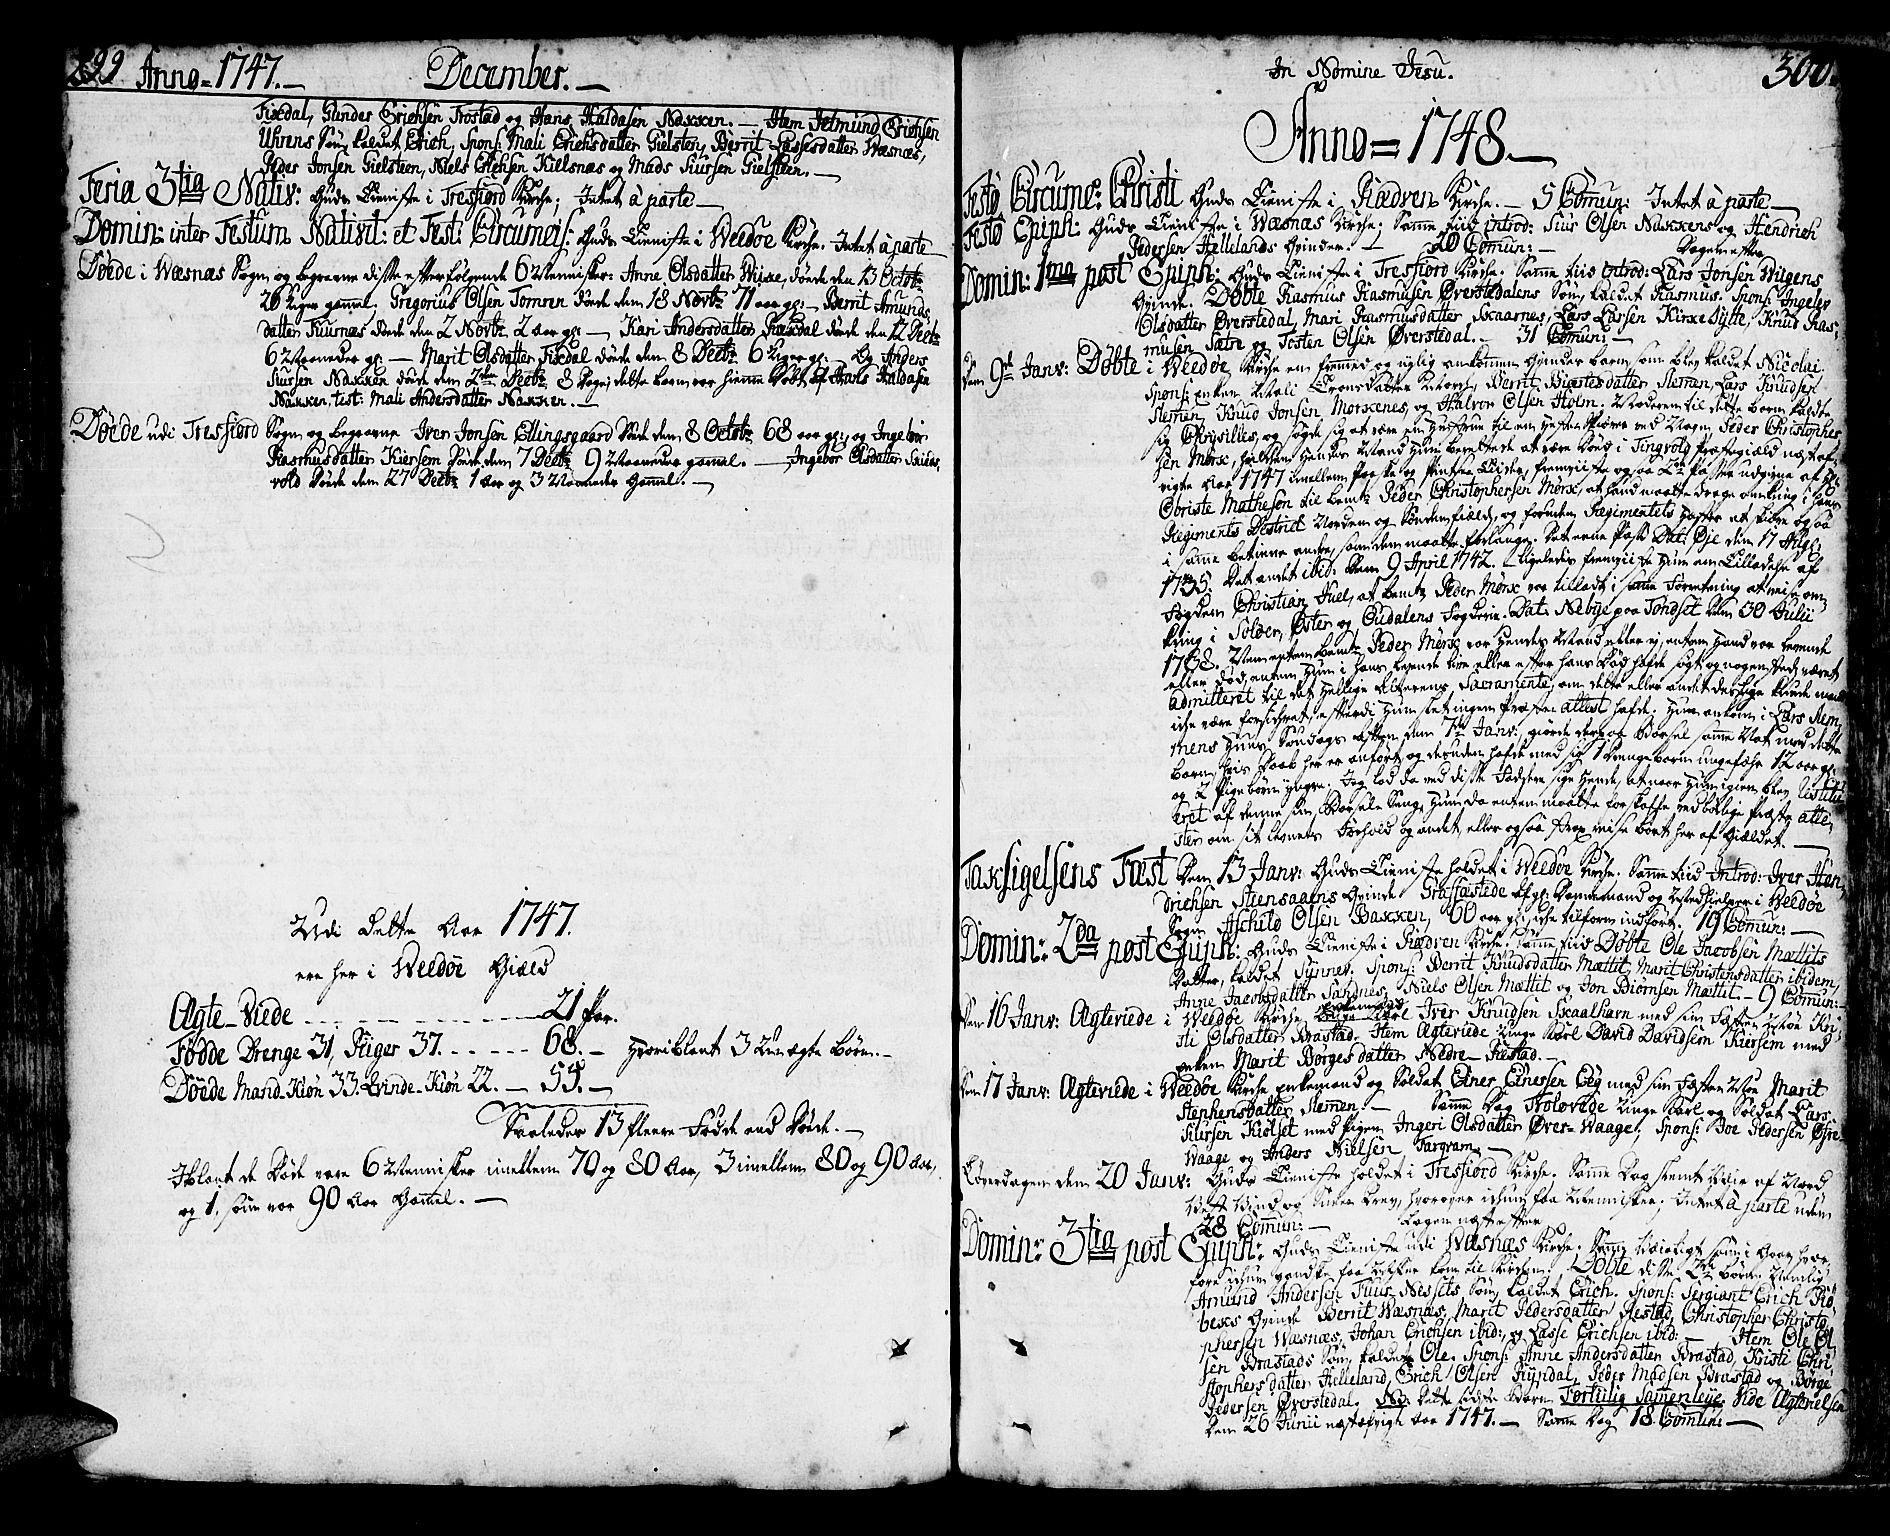 SAT, Ministerialprotokoller, klokkerbøker og fødselsregistre - Møre og Romsdal, 547/L0599: Ministerialbok nr. 547A01, 1721-1764, s. 298-299